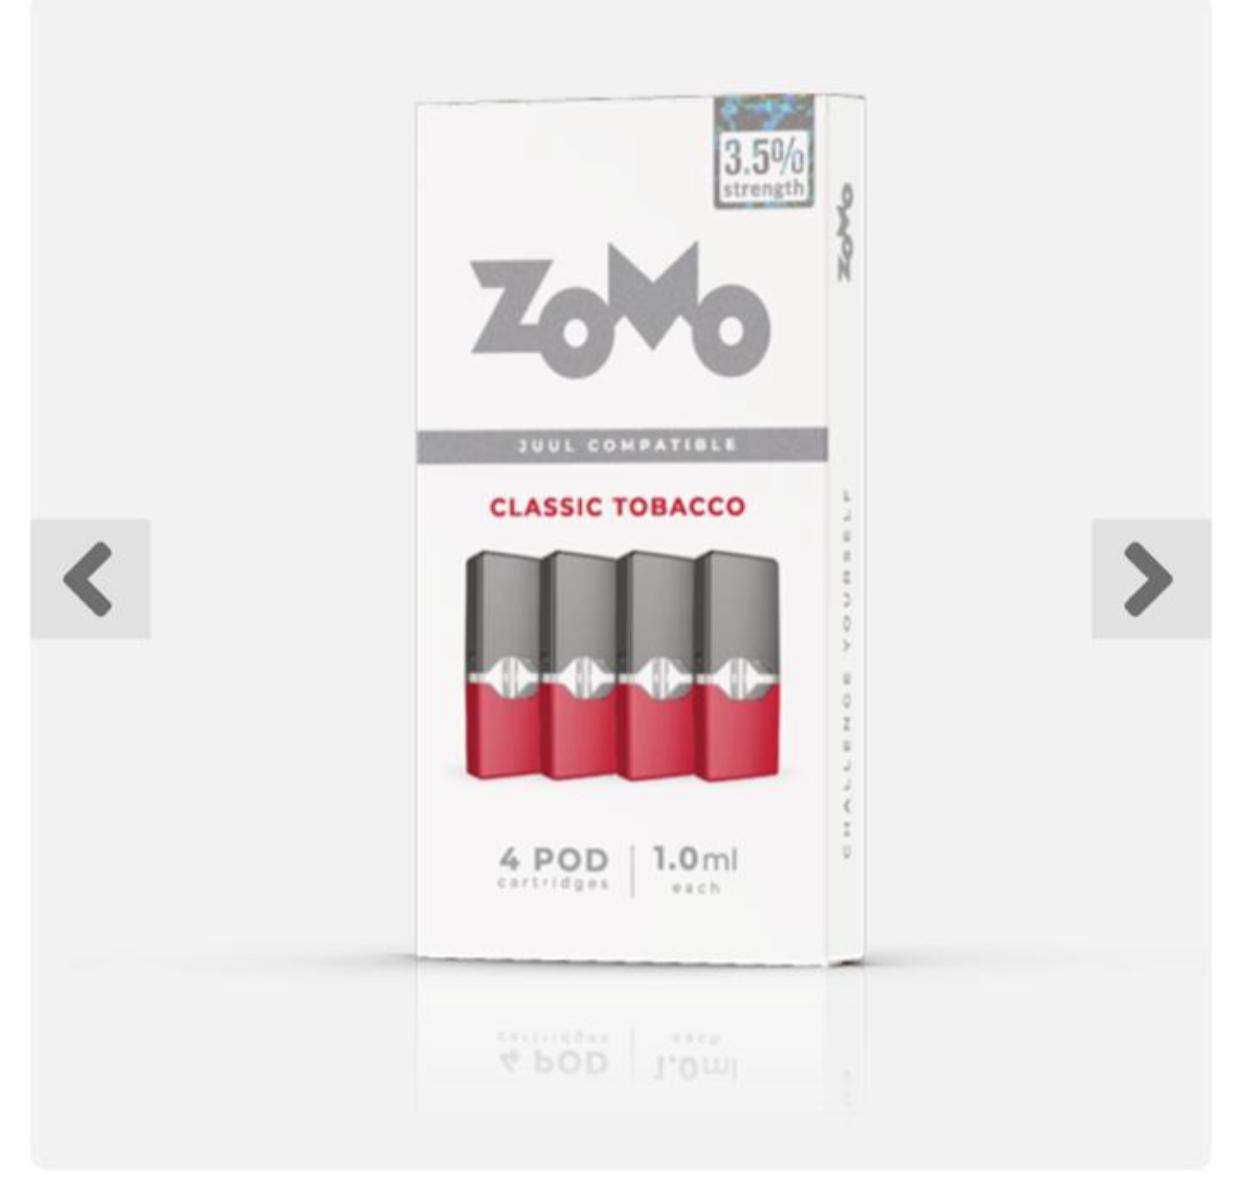 ZOMO - Zpod Classic Tobacco